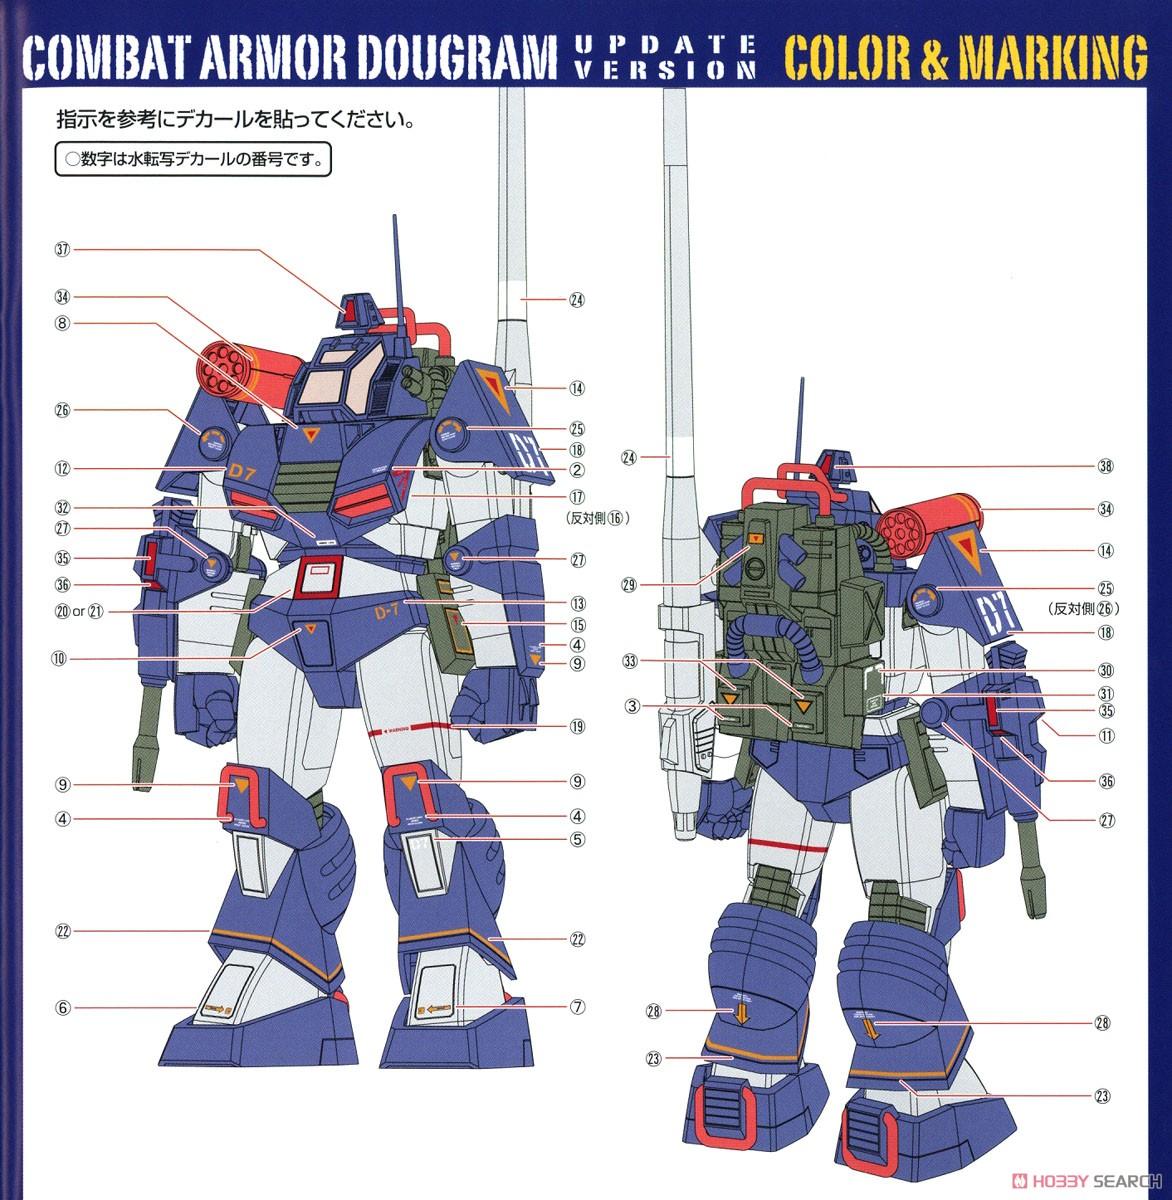 【再販】COMBAT ARMORS MAX22『コンバットアーマー ダグラム アップデートver.』1/72 プラモデル-016